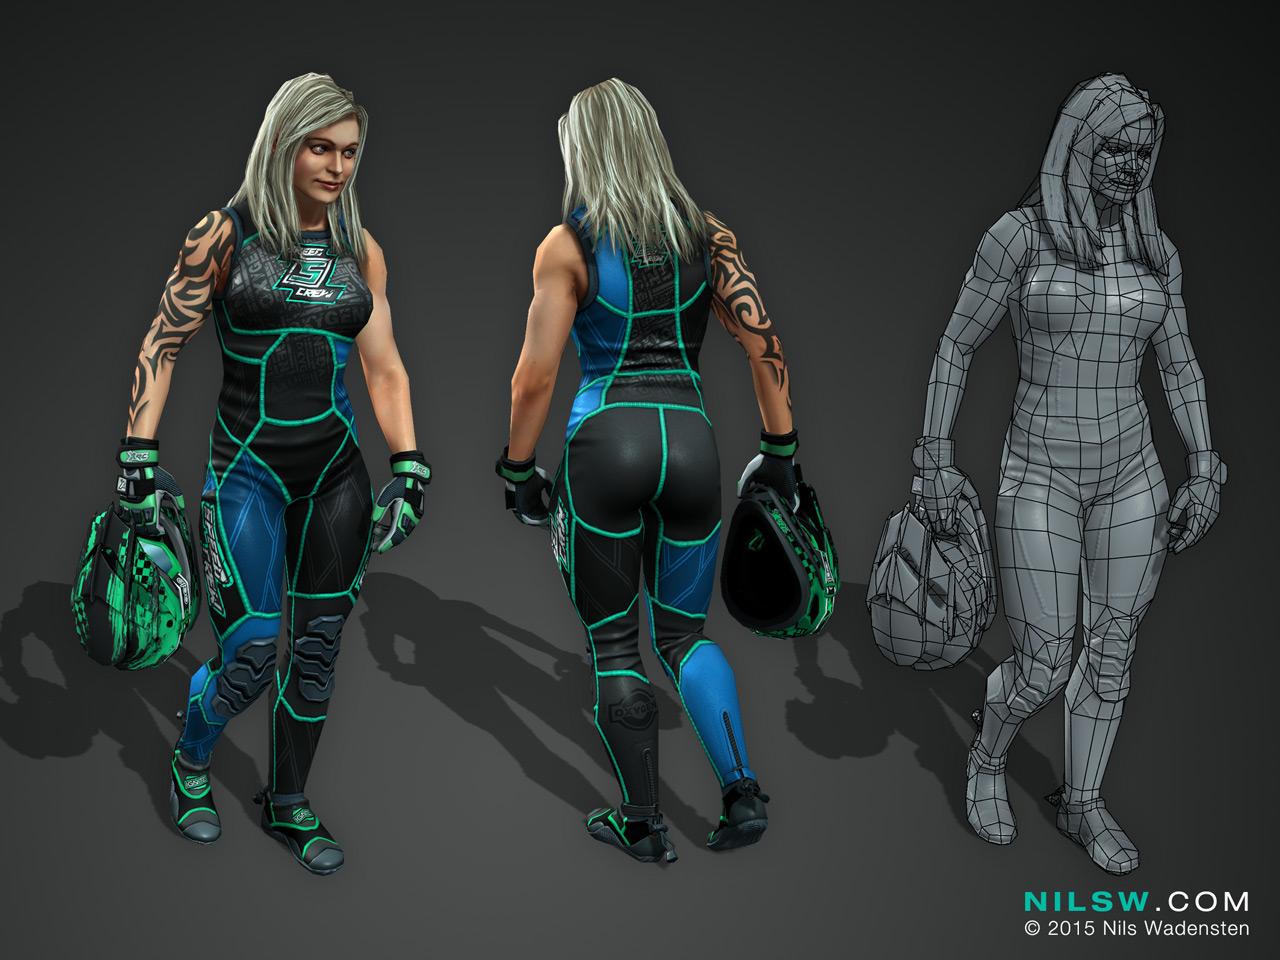 Character Design Maya : Nils wadensten d artist nilsw